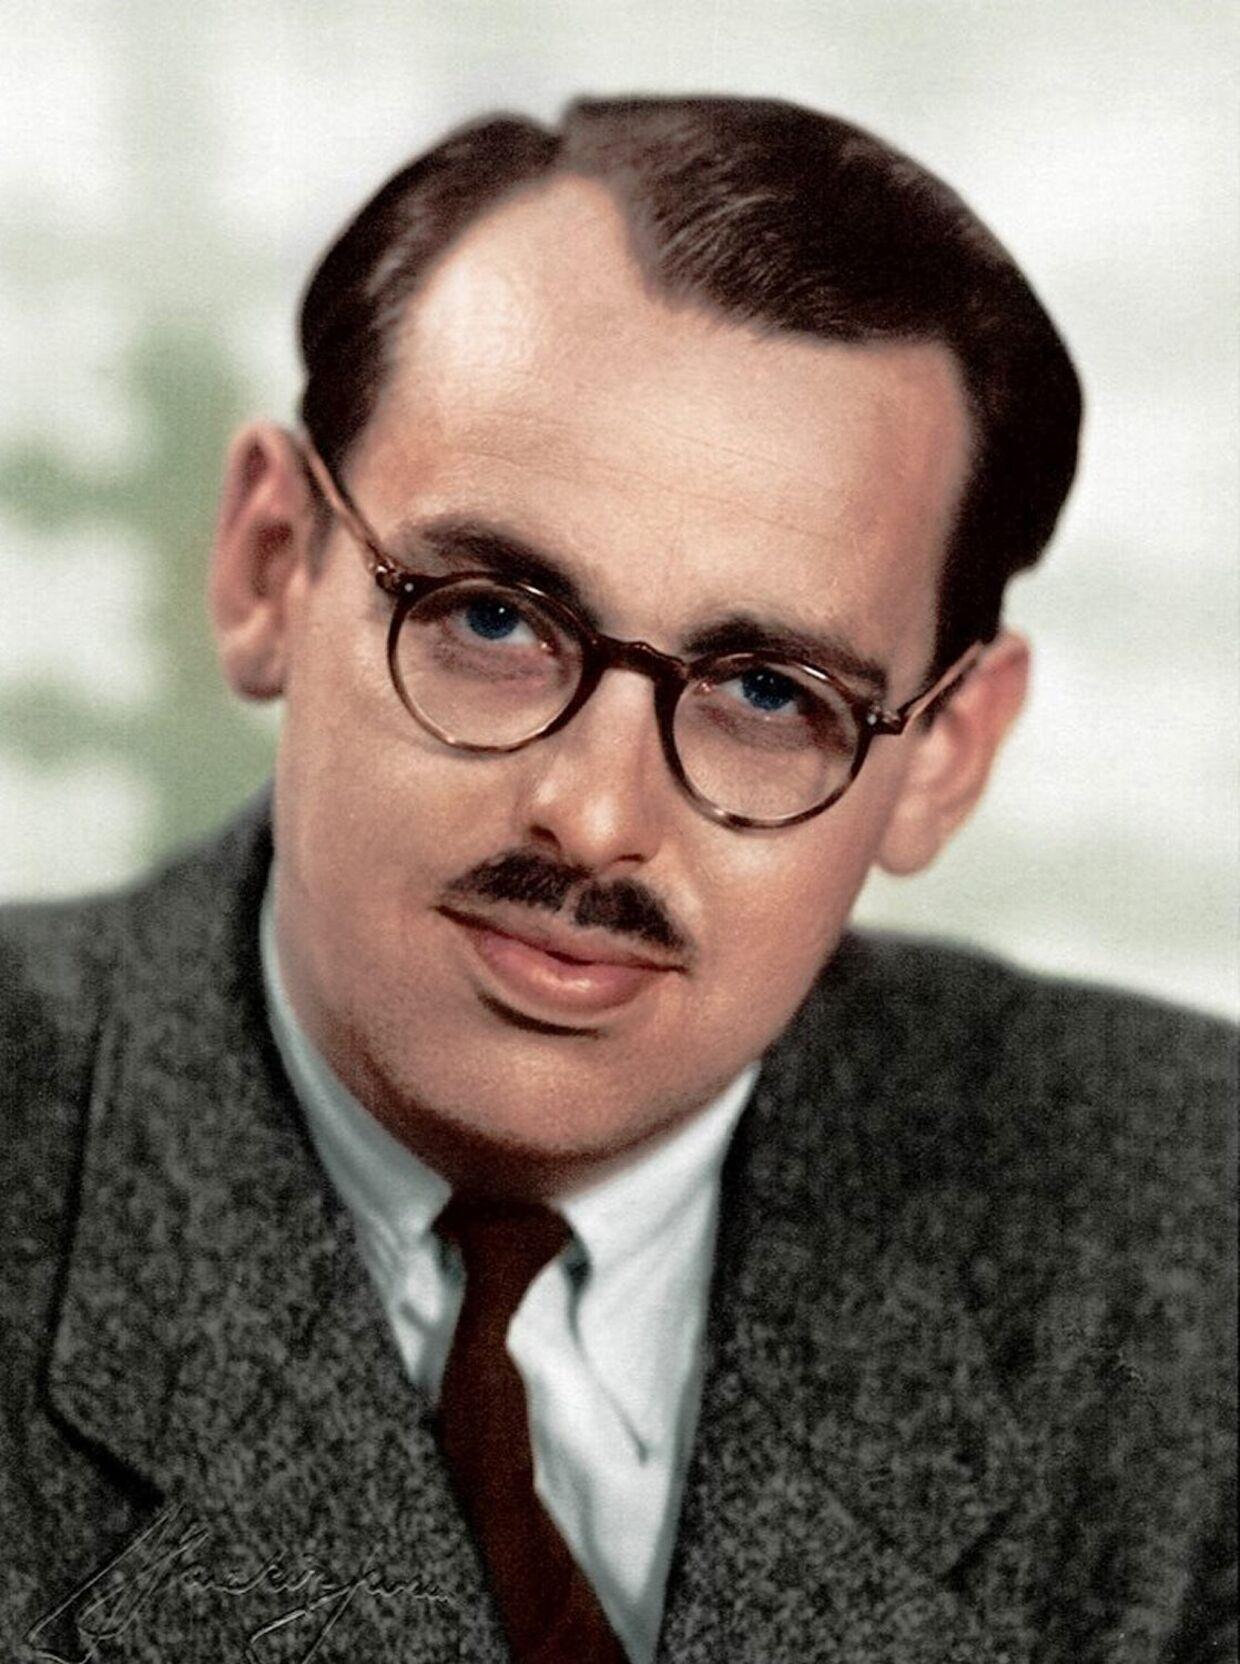 Efter anlæg af skæg, farvet hår m.v. blev de illegale fotograferet til brug for deres falske identitetspapirer. Det mest kendte foto af 'Citronen' Jørgen Haagen Schmith er fra hans falske papirer.